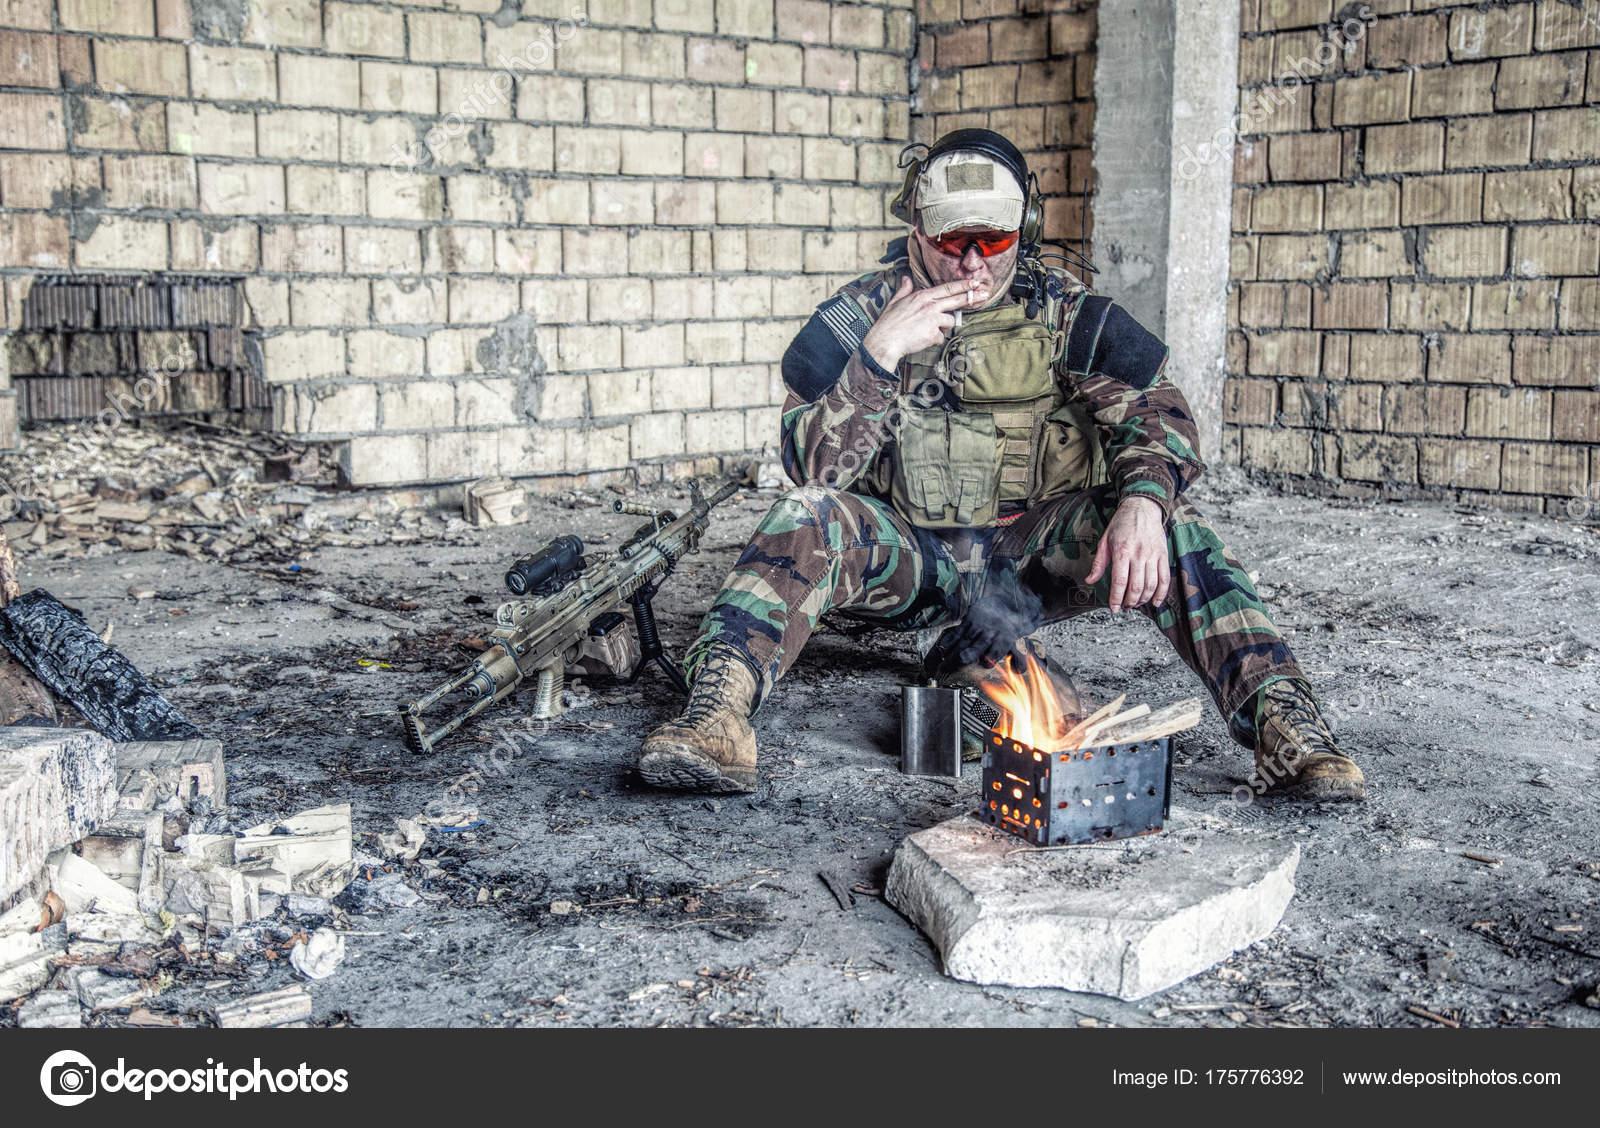 наверняка вид спецназовца после боя фото разгона были применены